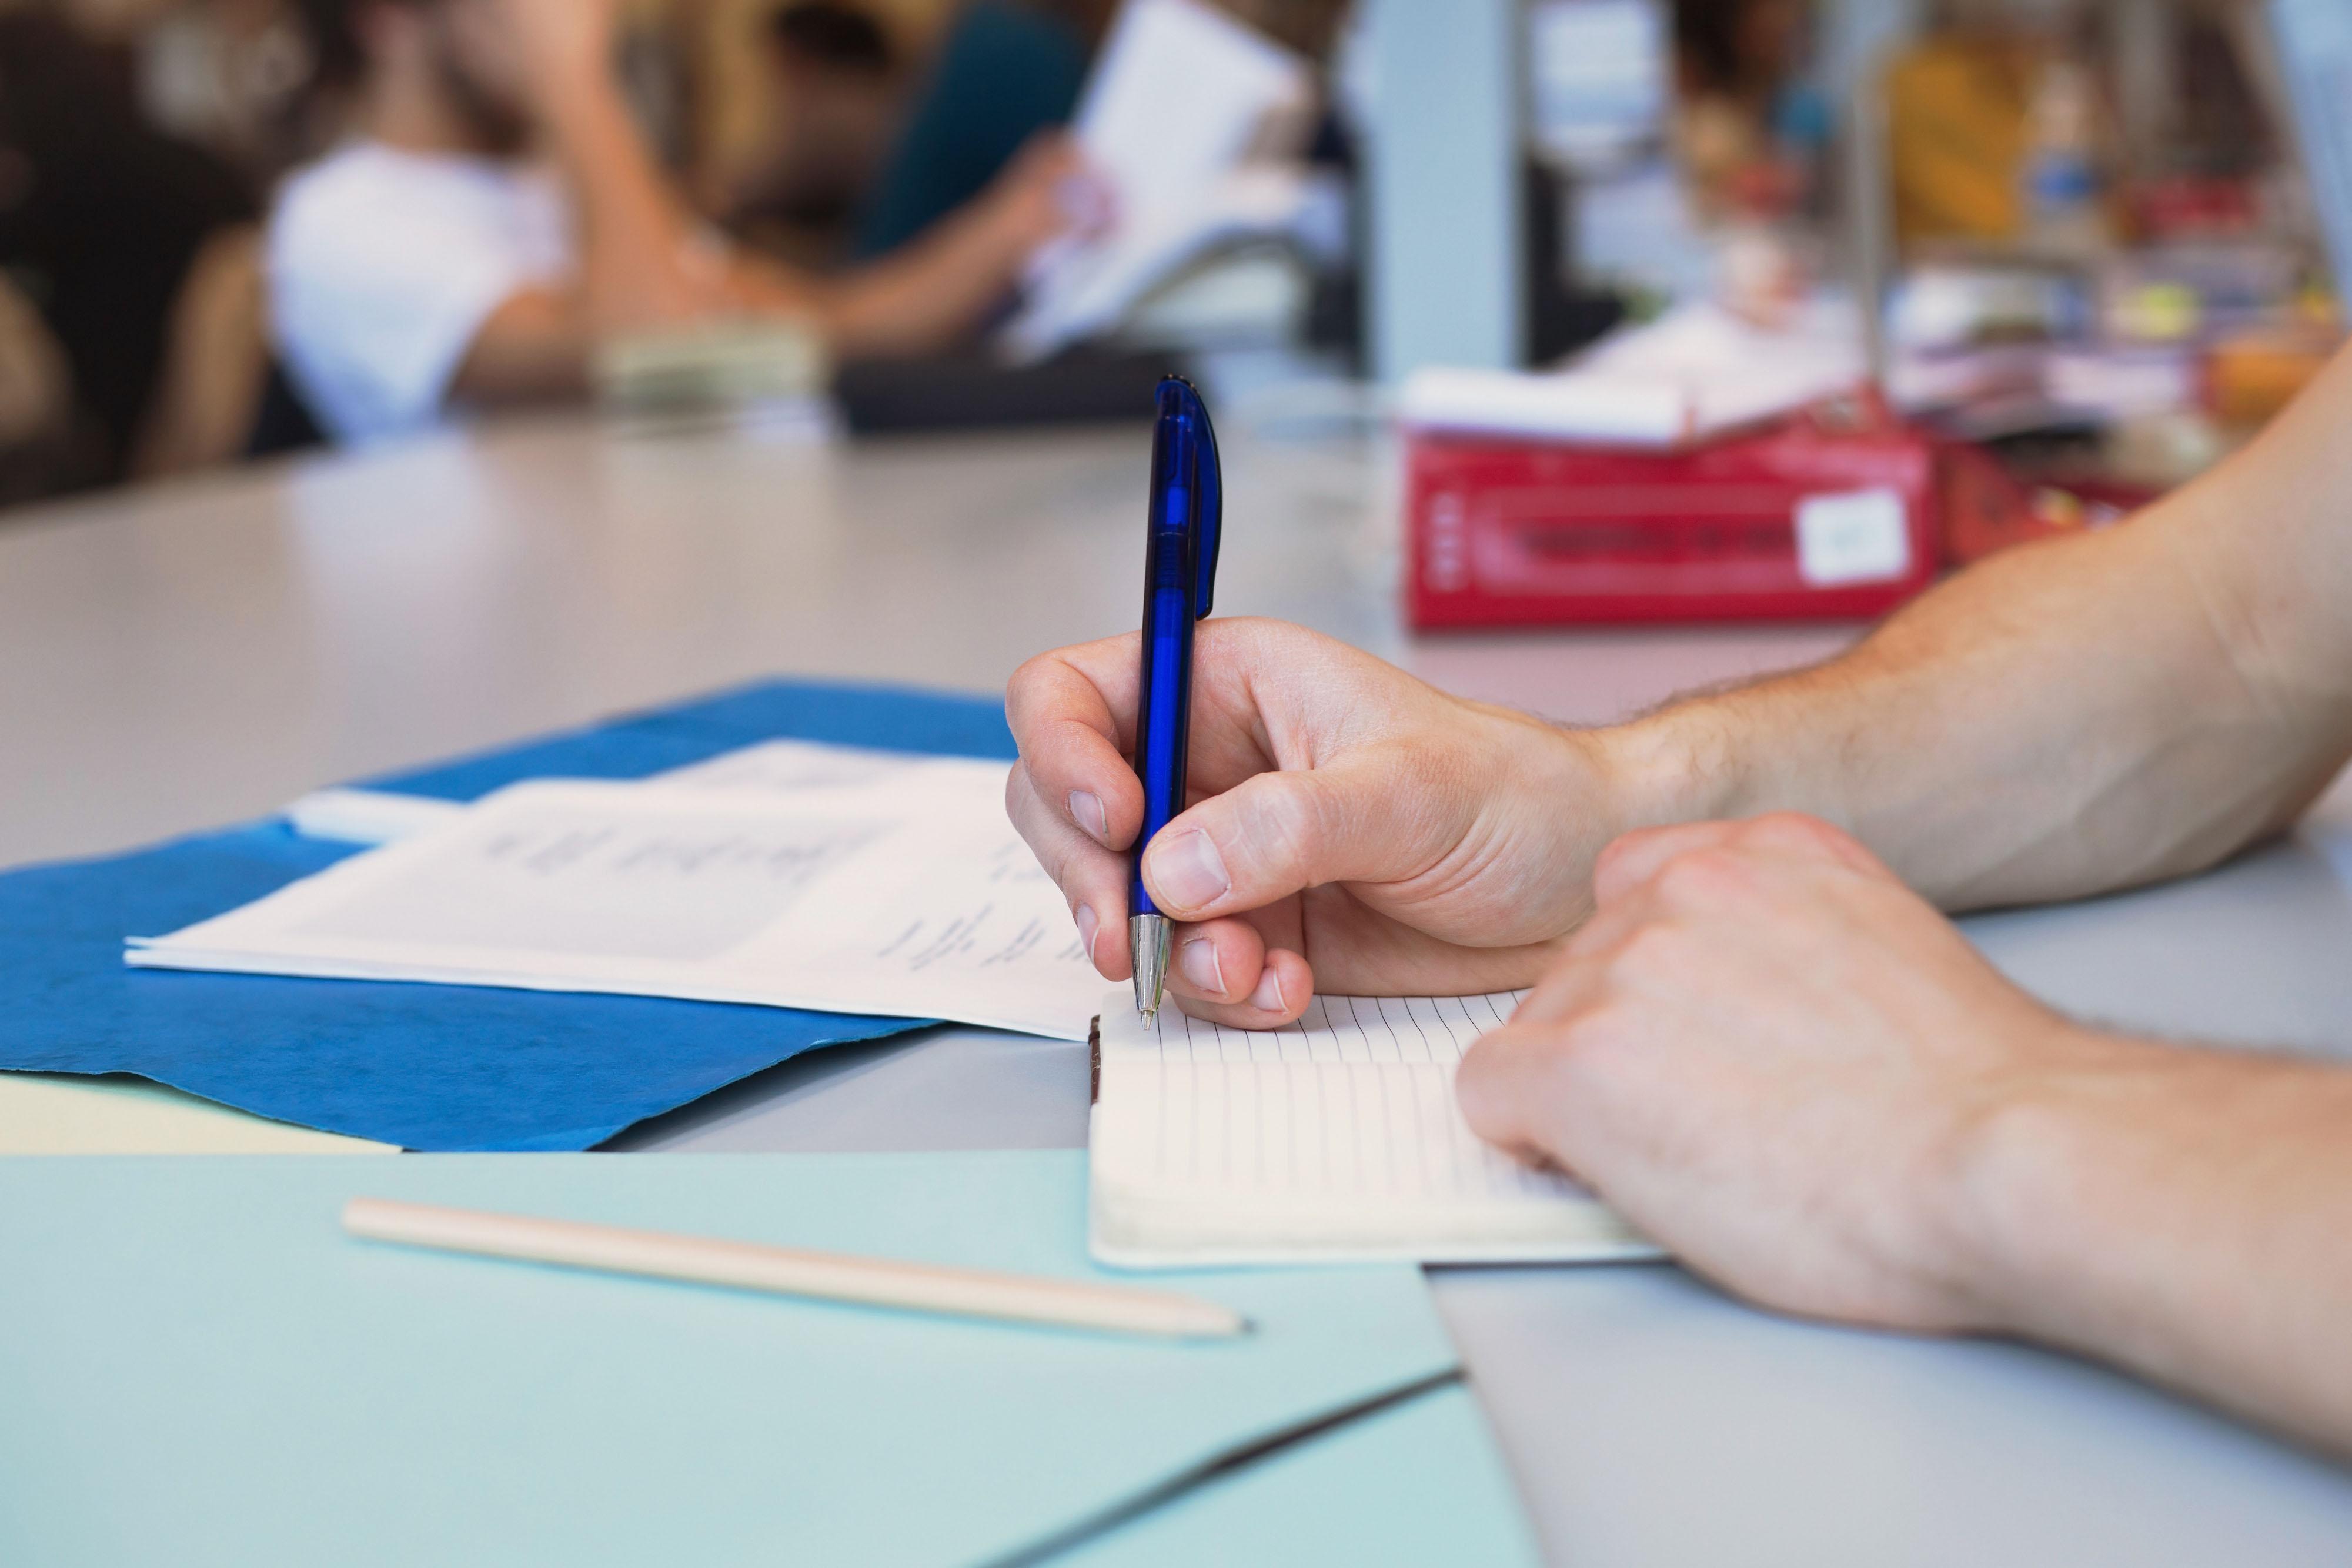 Grammatica | Apostrofo + H, le regole da non dimenticare